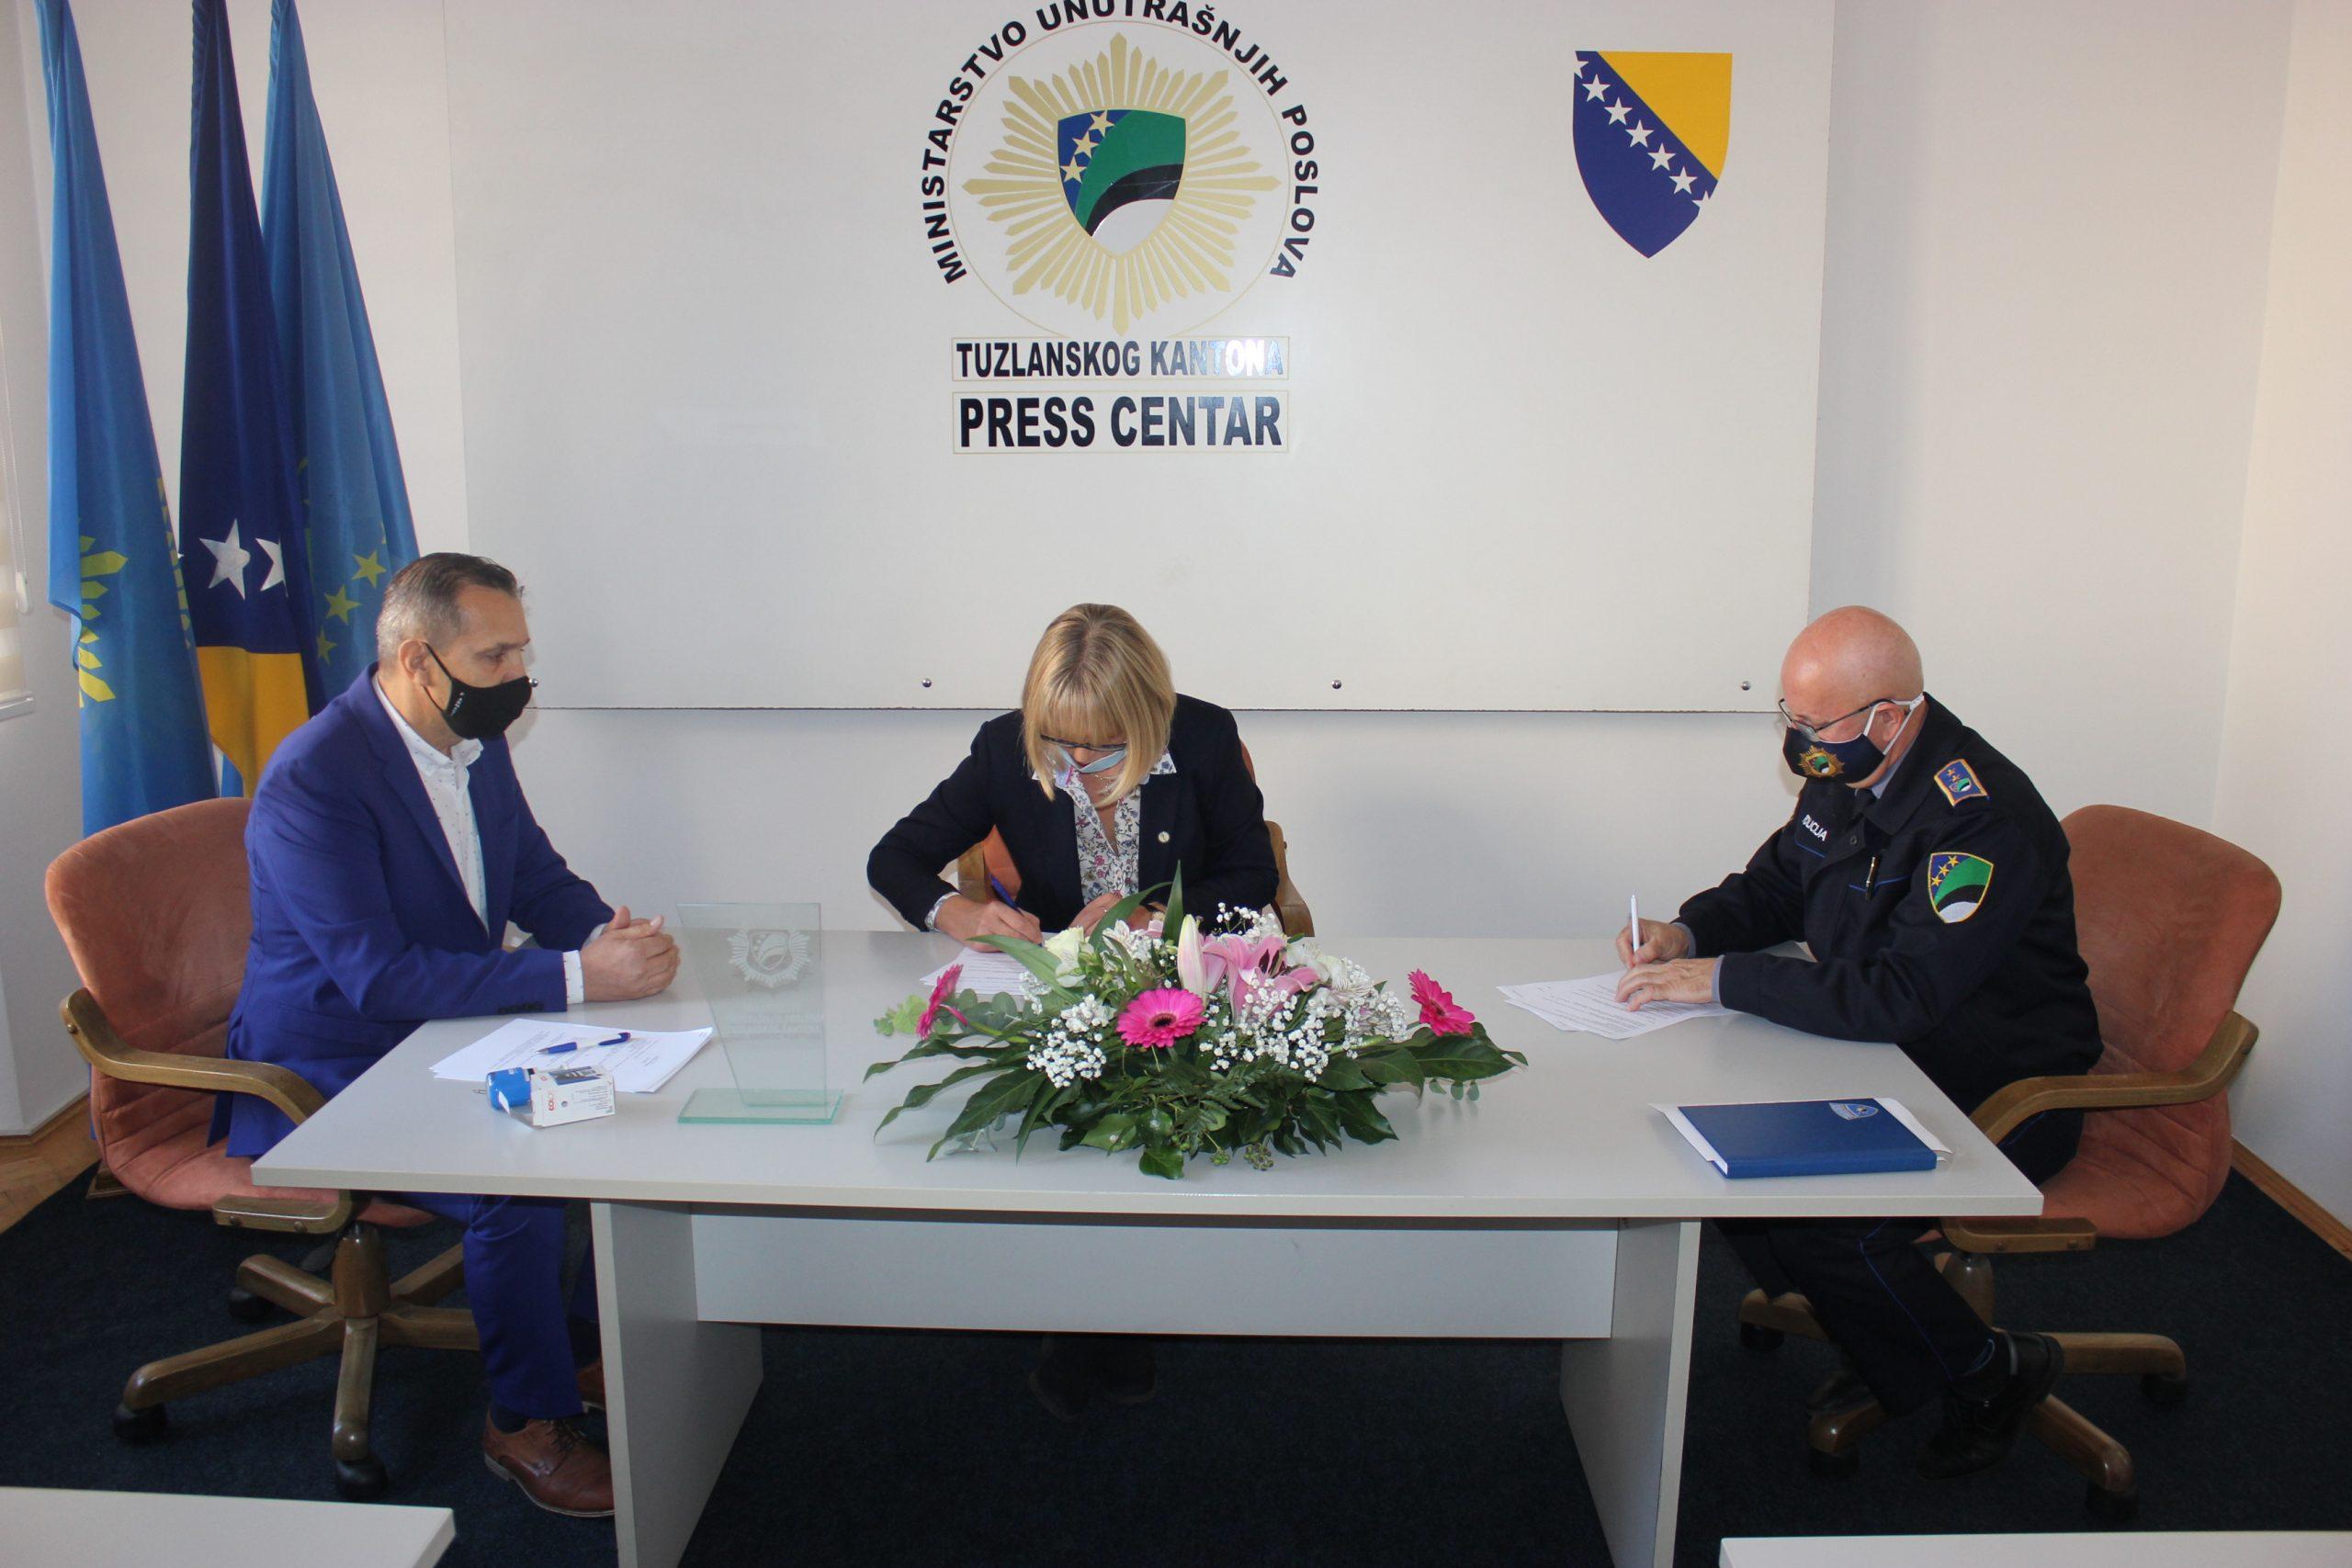 """Potpisan Sporazum o saradnji između  Uprave policije MUP TK, U.G. """"Vive Žene"""" i RTV TK"""